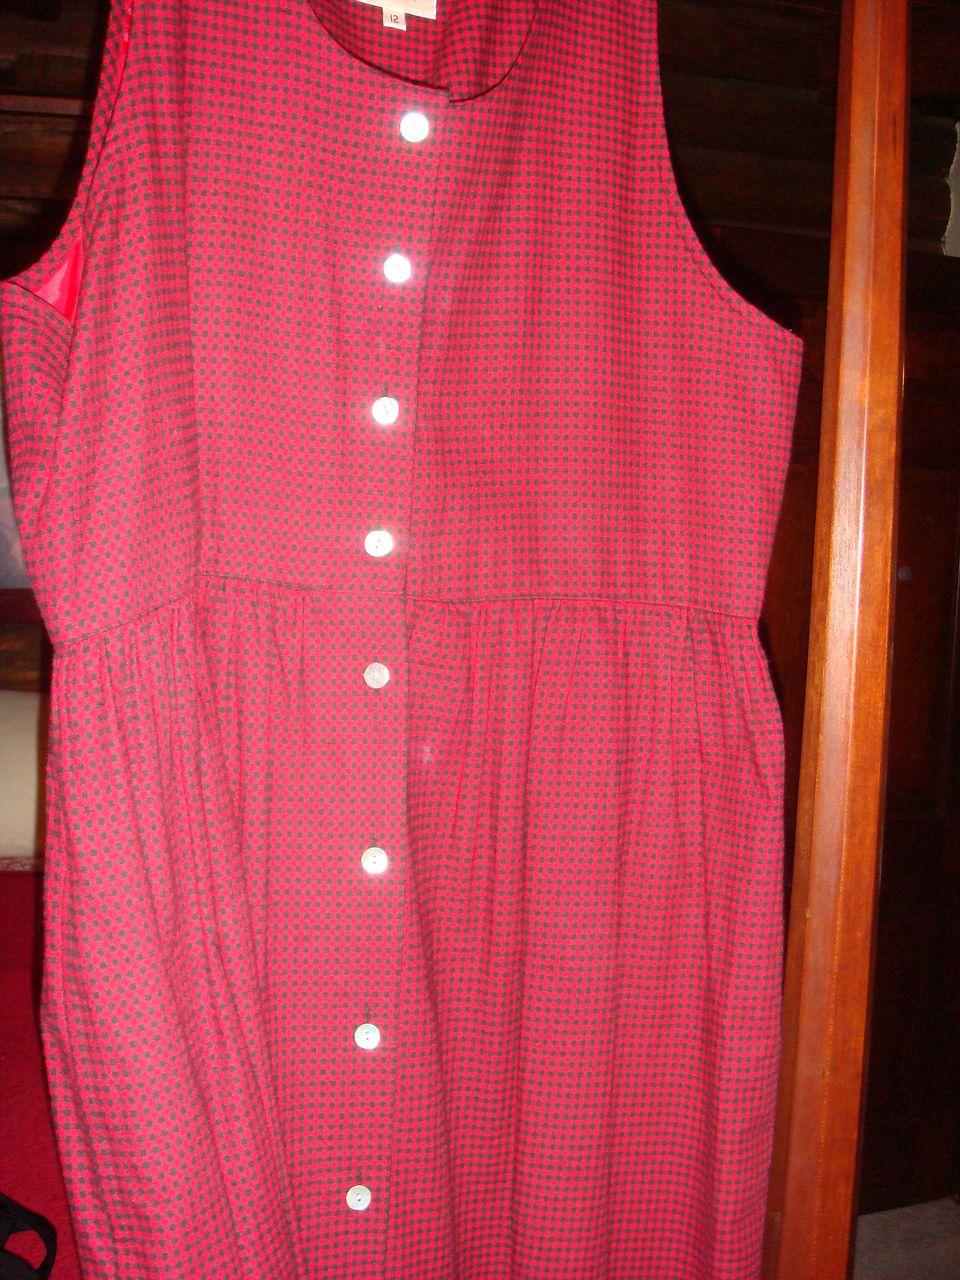 Wonderful Size 12 Susan Bristol Long Vintage Ladies' Jumper Red and Black